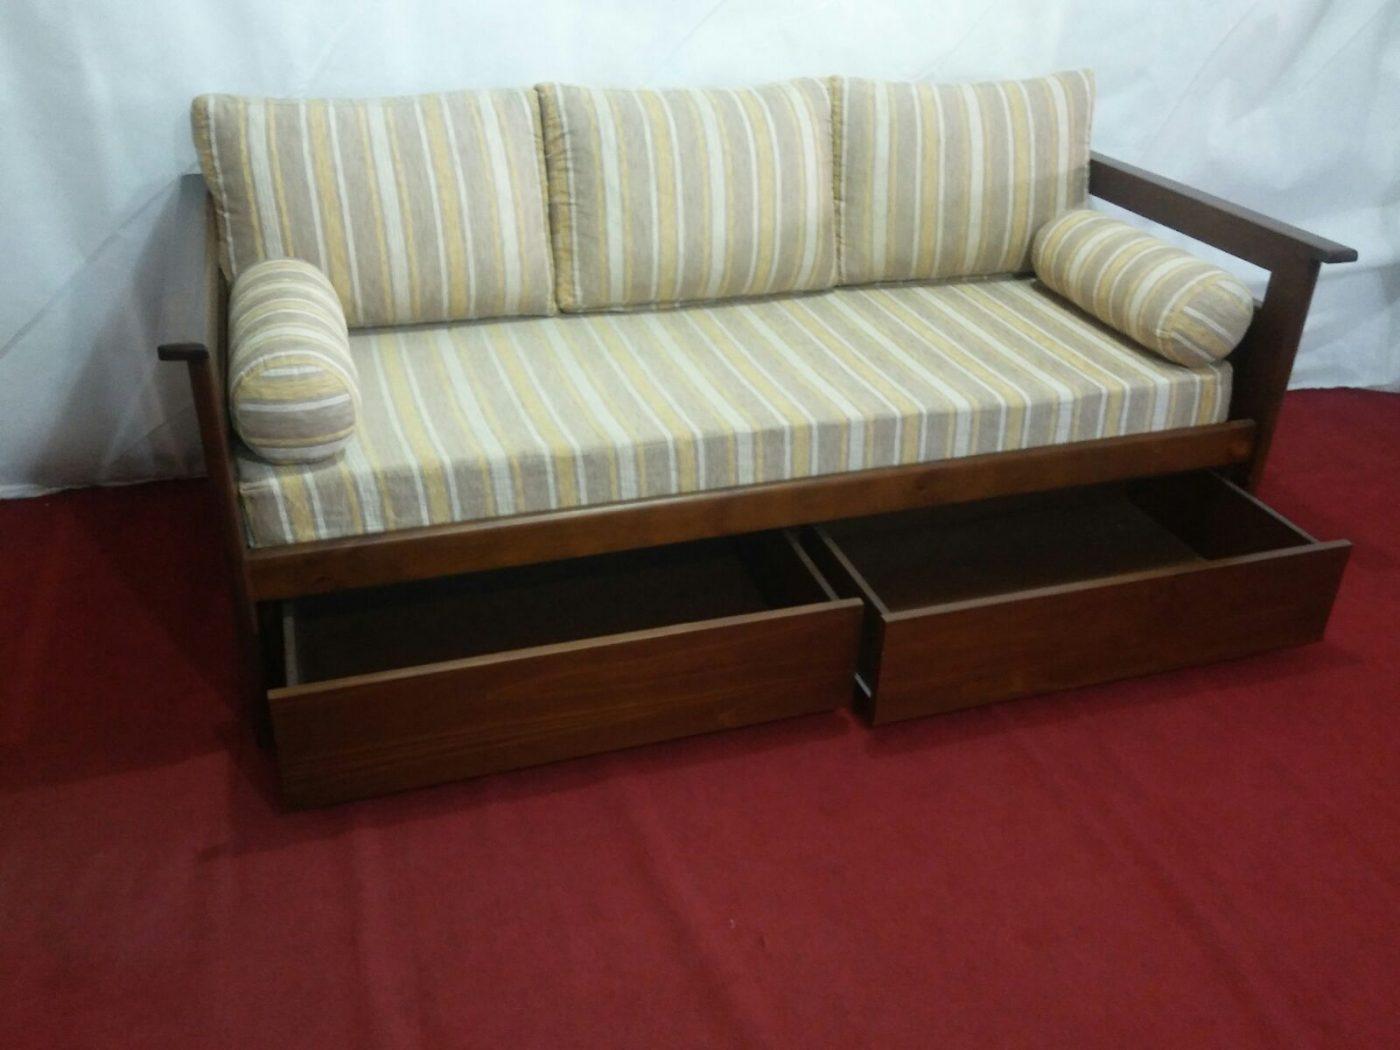 Sof cama con cajones en madera omb muebles uruguay - Sofas con cajones ...